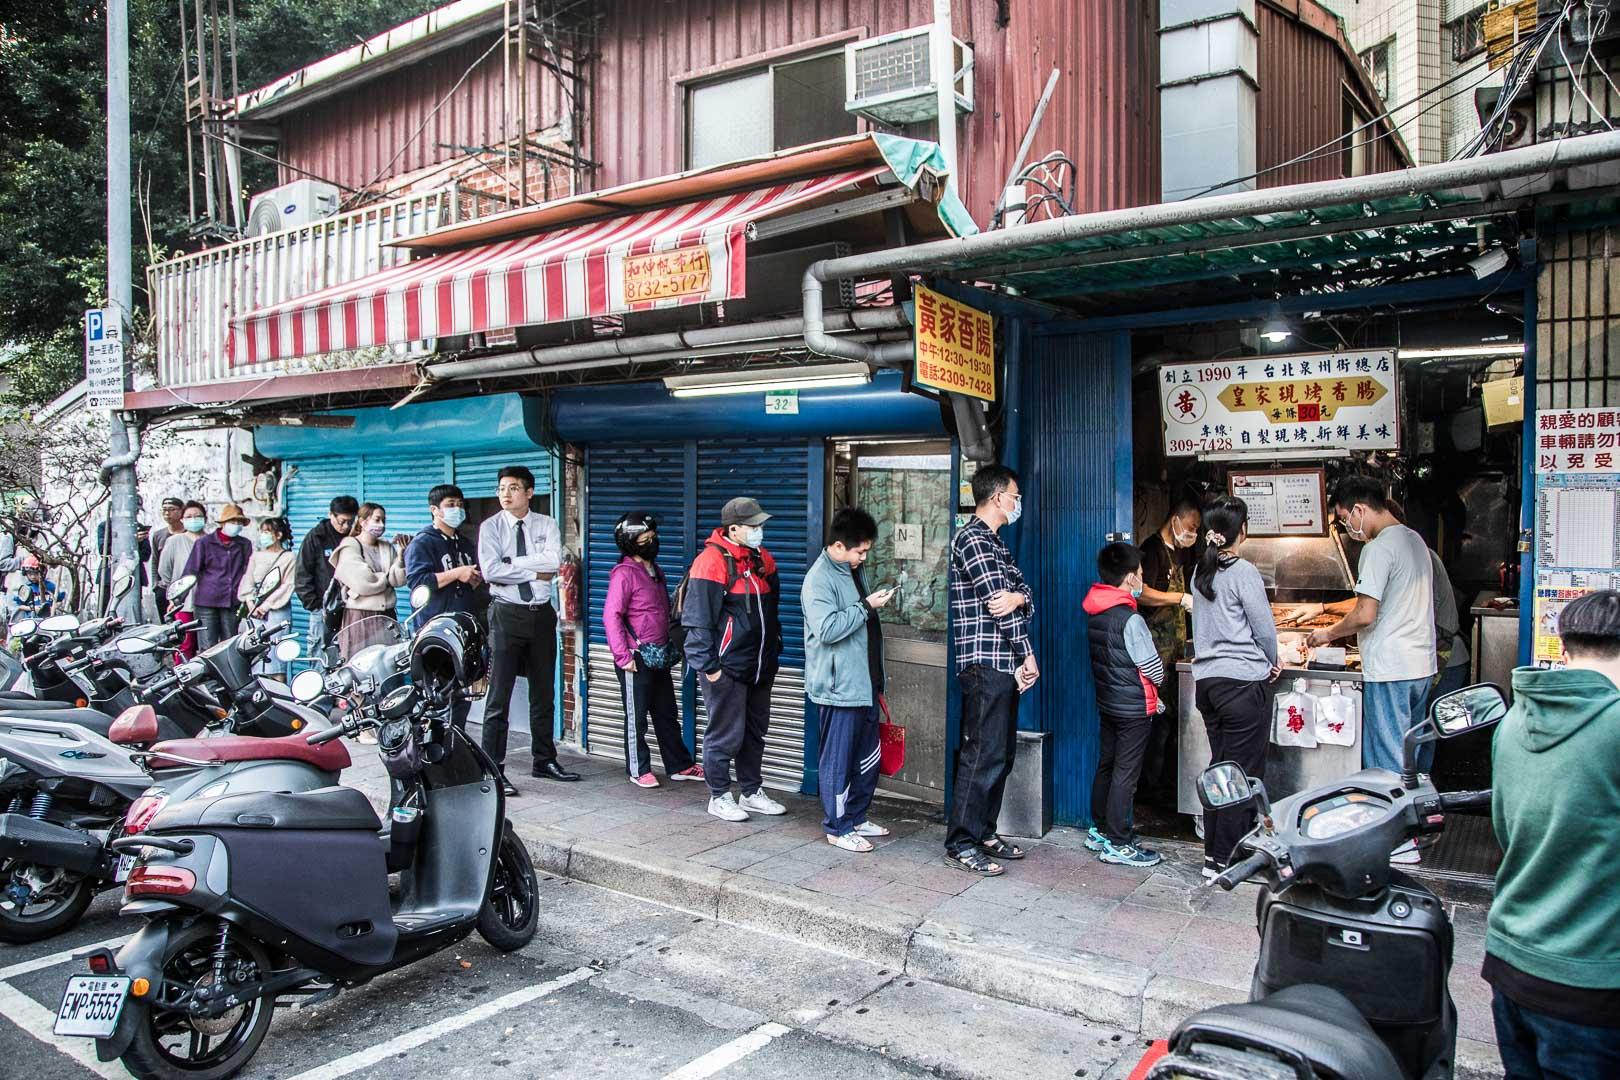 台北美食》泉州街黃家香腸 台北最強香腸攤!google評論2800多則豪取4.5顆星